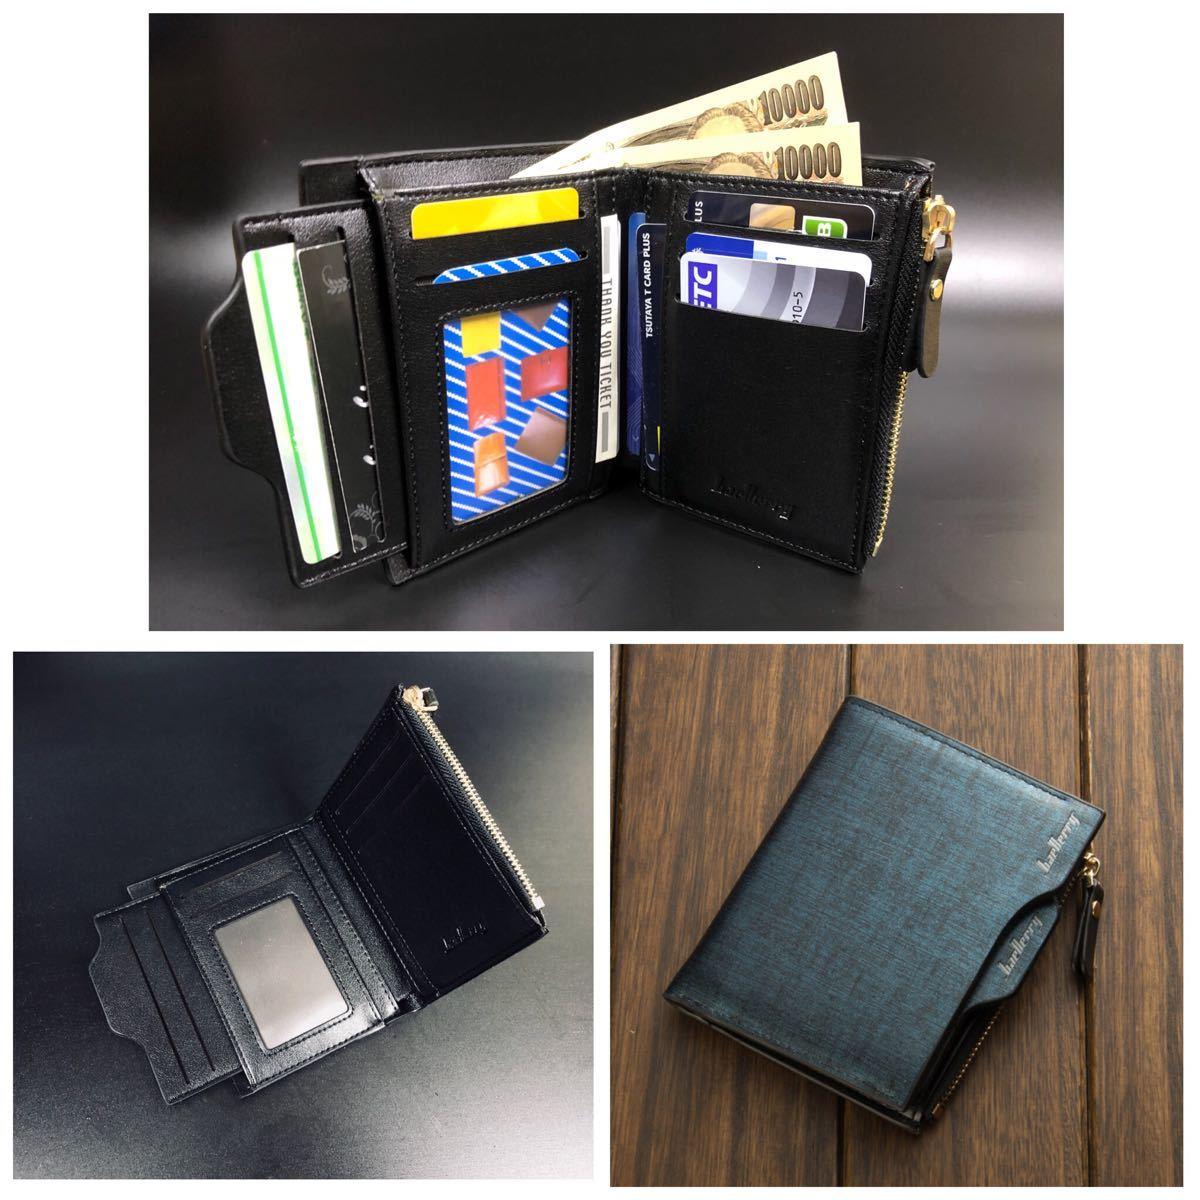 財布 二つ折り財布 レザー 革 お札入れ 小銭入れ カード入れ 名刺入れ 収納ケース コンパクト カード収納 ブラックネイビー 送料無料 20_画像3